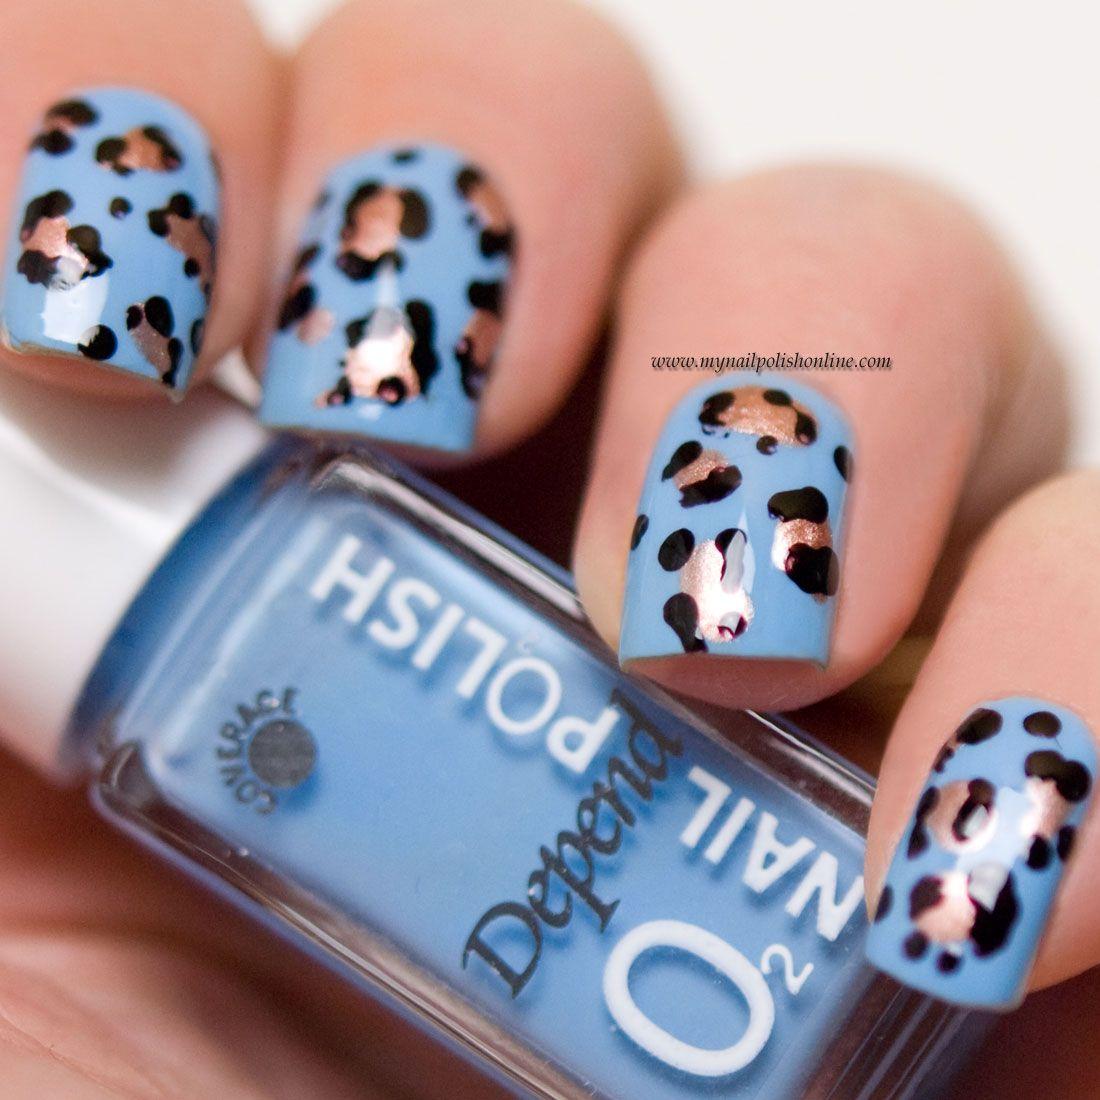 Leopard print - Nail art - http://www.mynailpolishonline.com/2017/07 ...